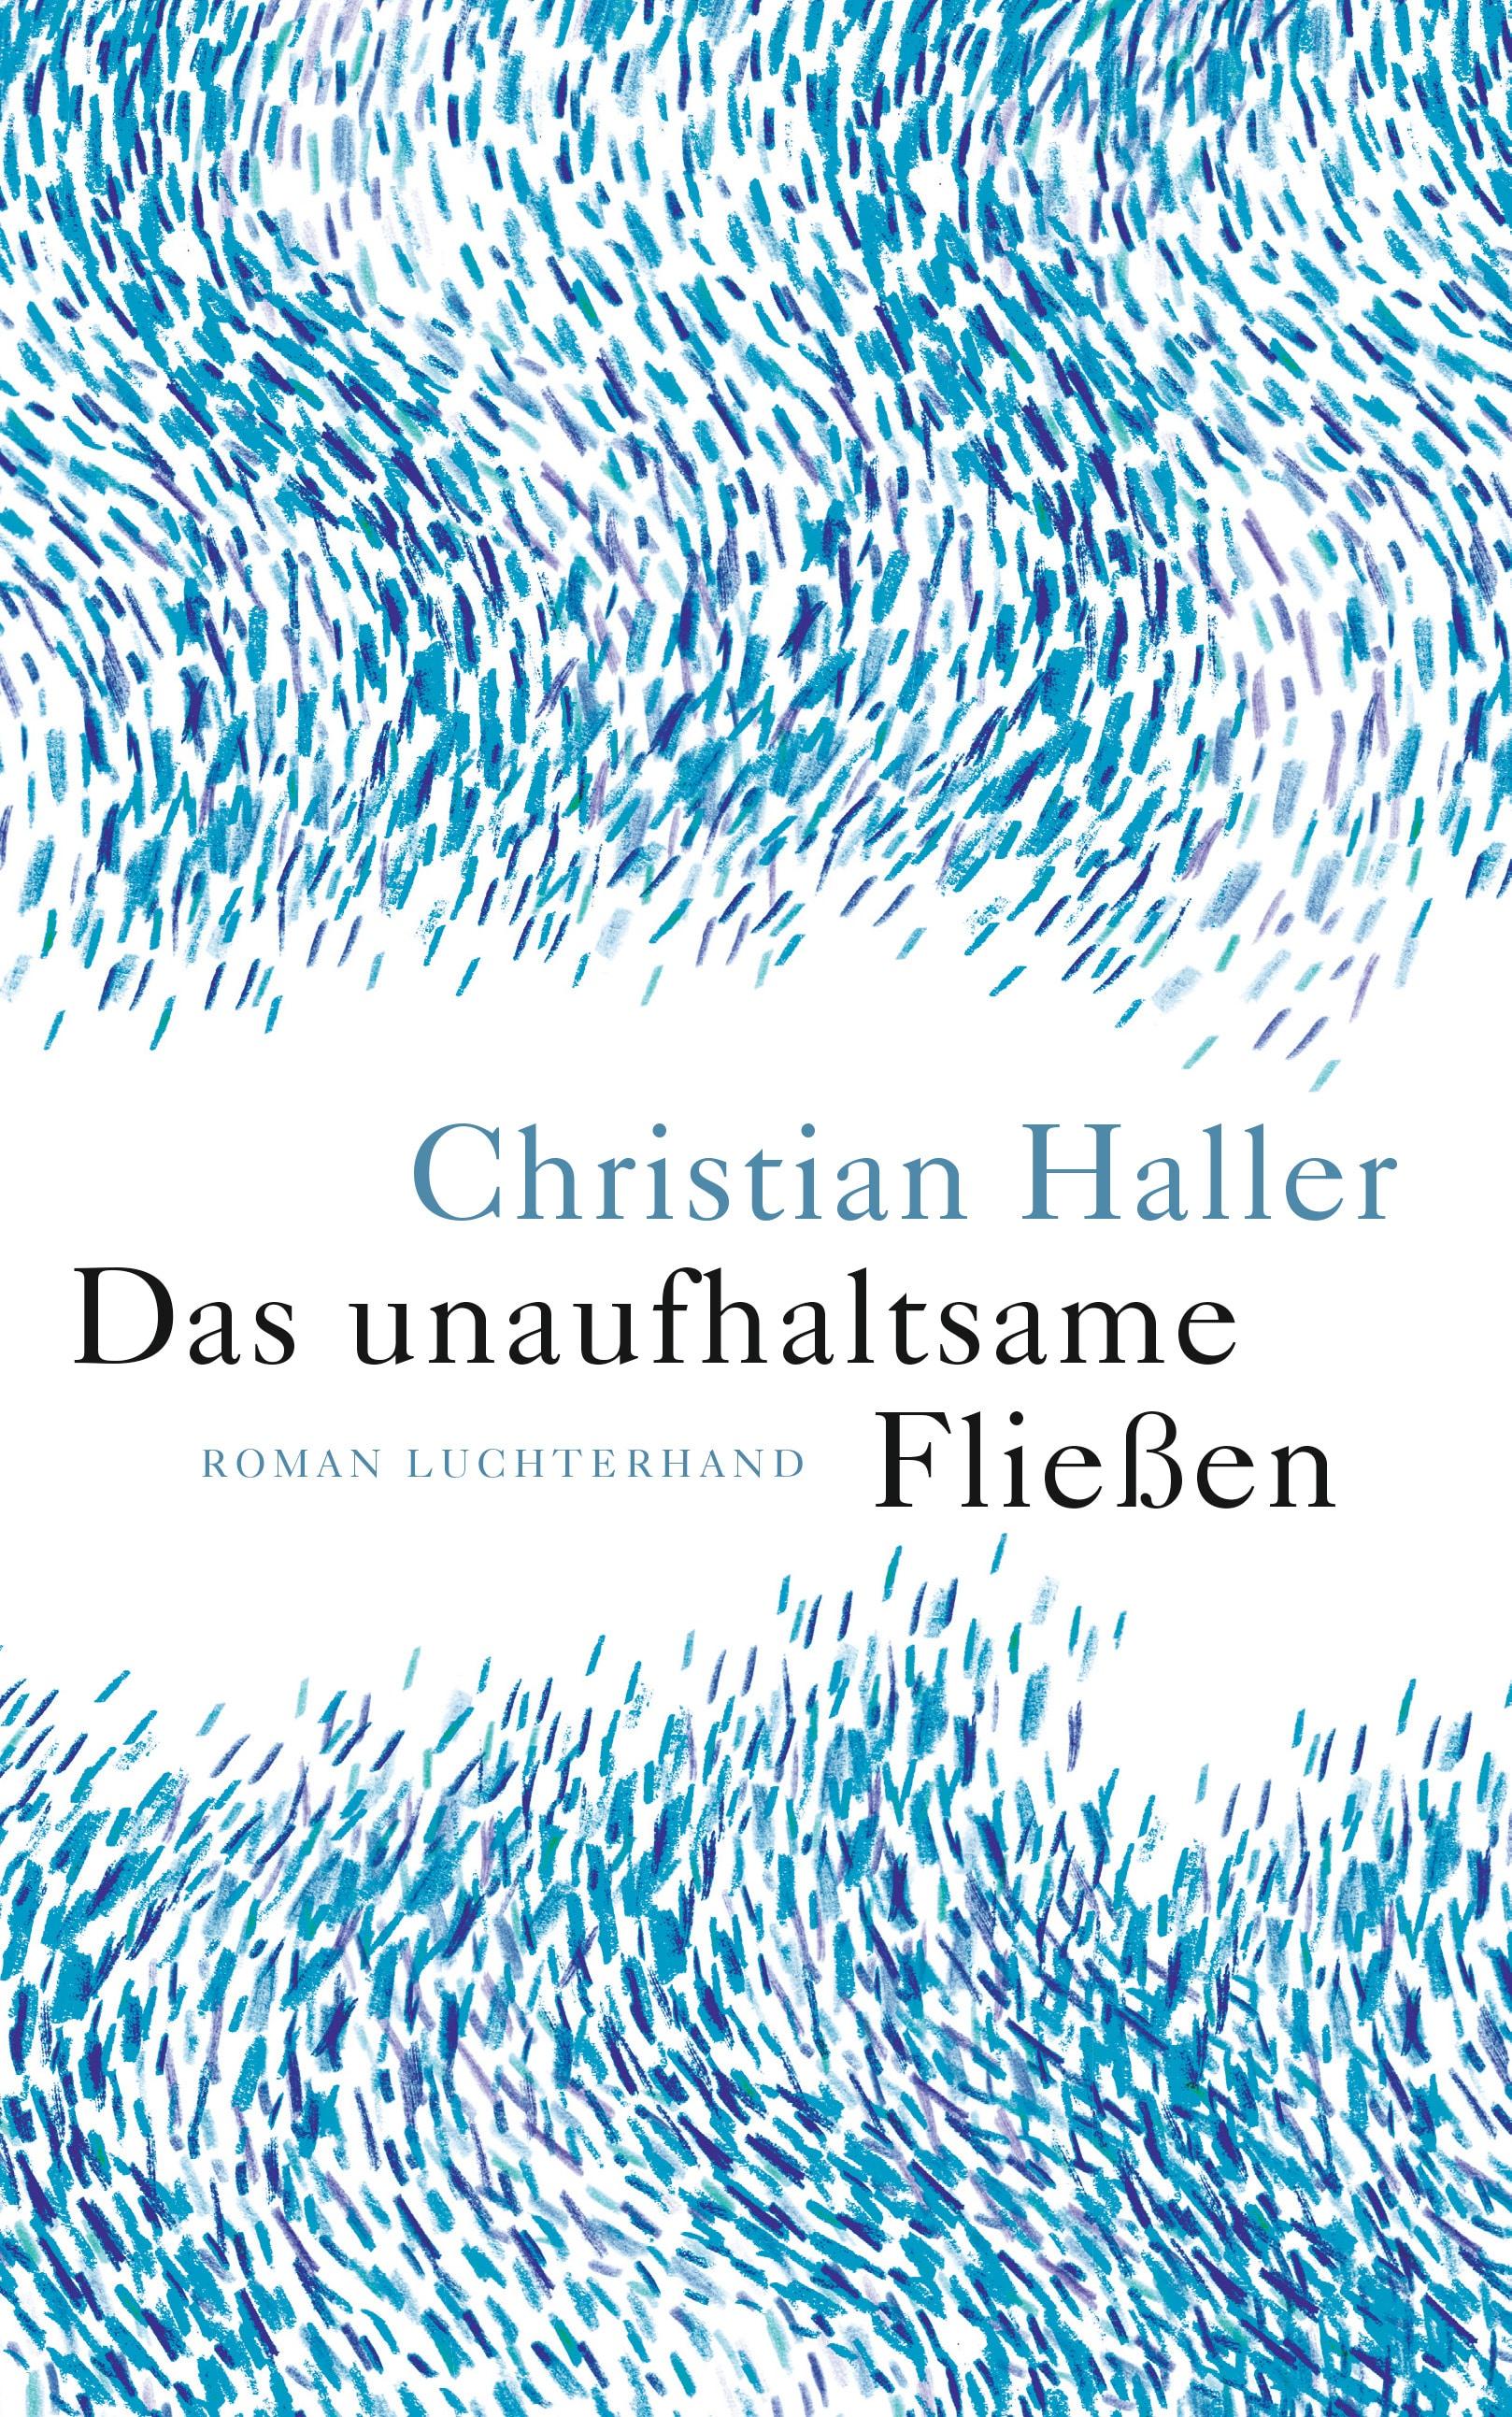 Christian Haller: «Das unaufhaltsame Fliessen»